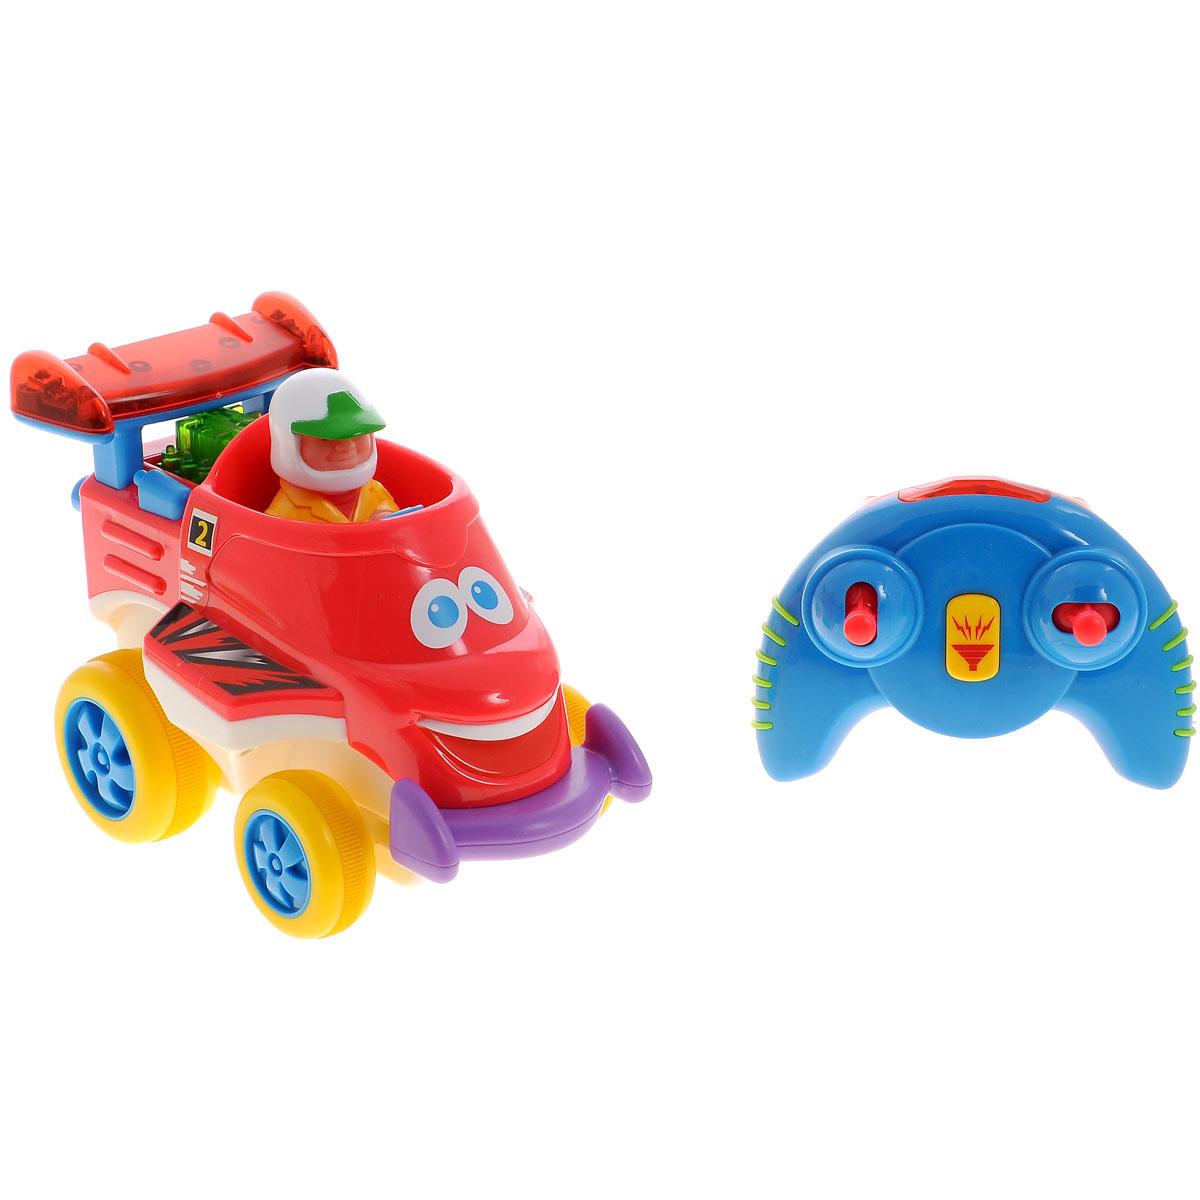 """Развивающая игрушка Kiddieland """"Юный гонщик"""" со звуковыми и световыми эффектами обязательно понравится юному гонщику. Машинка работает в двух режимах: от пульта дистанционного управления и без него. При нажатии на рычажки пульта эта маленькая машинка будет двигаться вперед, назад, поворачивать влево и вправо, на кнопку сигнала - раздается характерный звук. Если нажать на фигурку водителя или на руль, раздадутся звуки мотора. Пульт удобно держать в маленьких ручках. Игрушка развивает мелкую моторику, мышление, зрительное и звуковое восприятие, повышает двигательную активность малышей. Рекомендуемый возраст: от 18 месяцев. Питание: 4 батарейки типа АА, 3 батарейки типа ААА (входят в комплект)."""